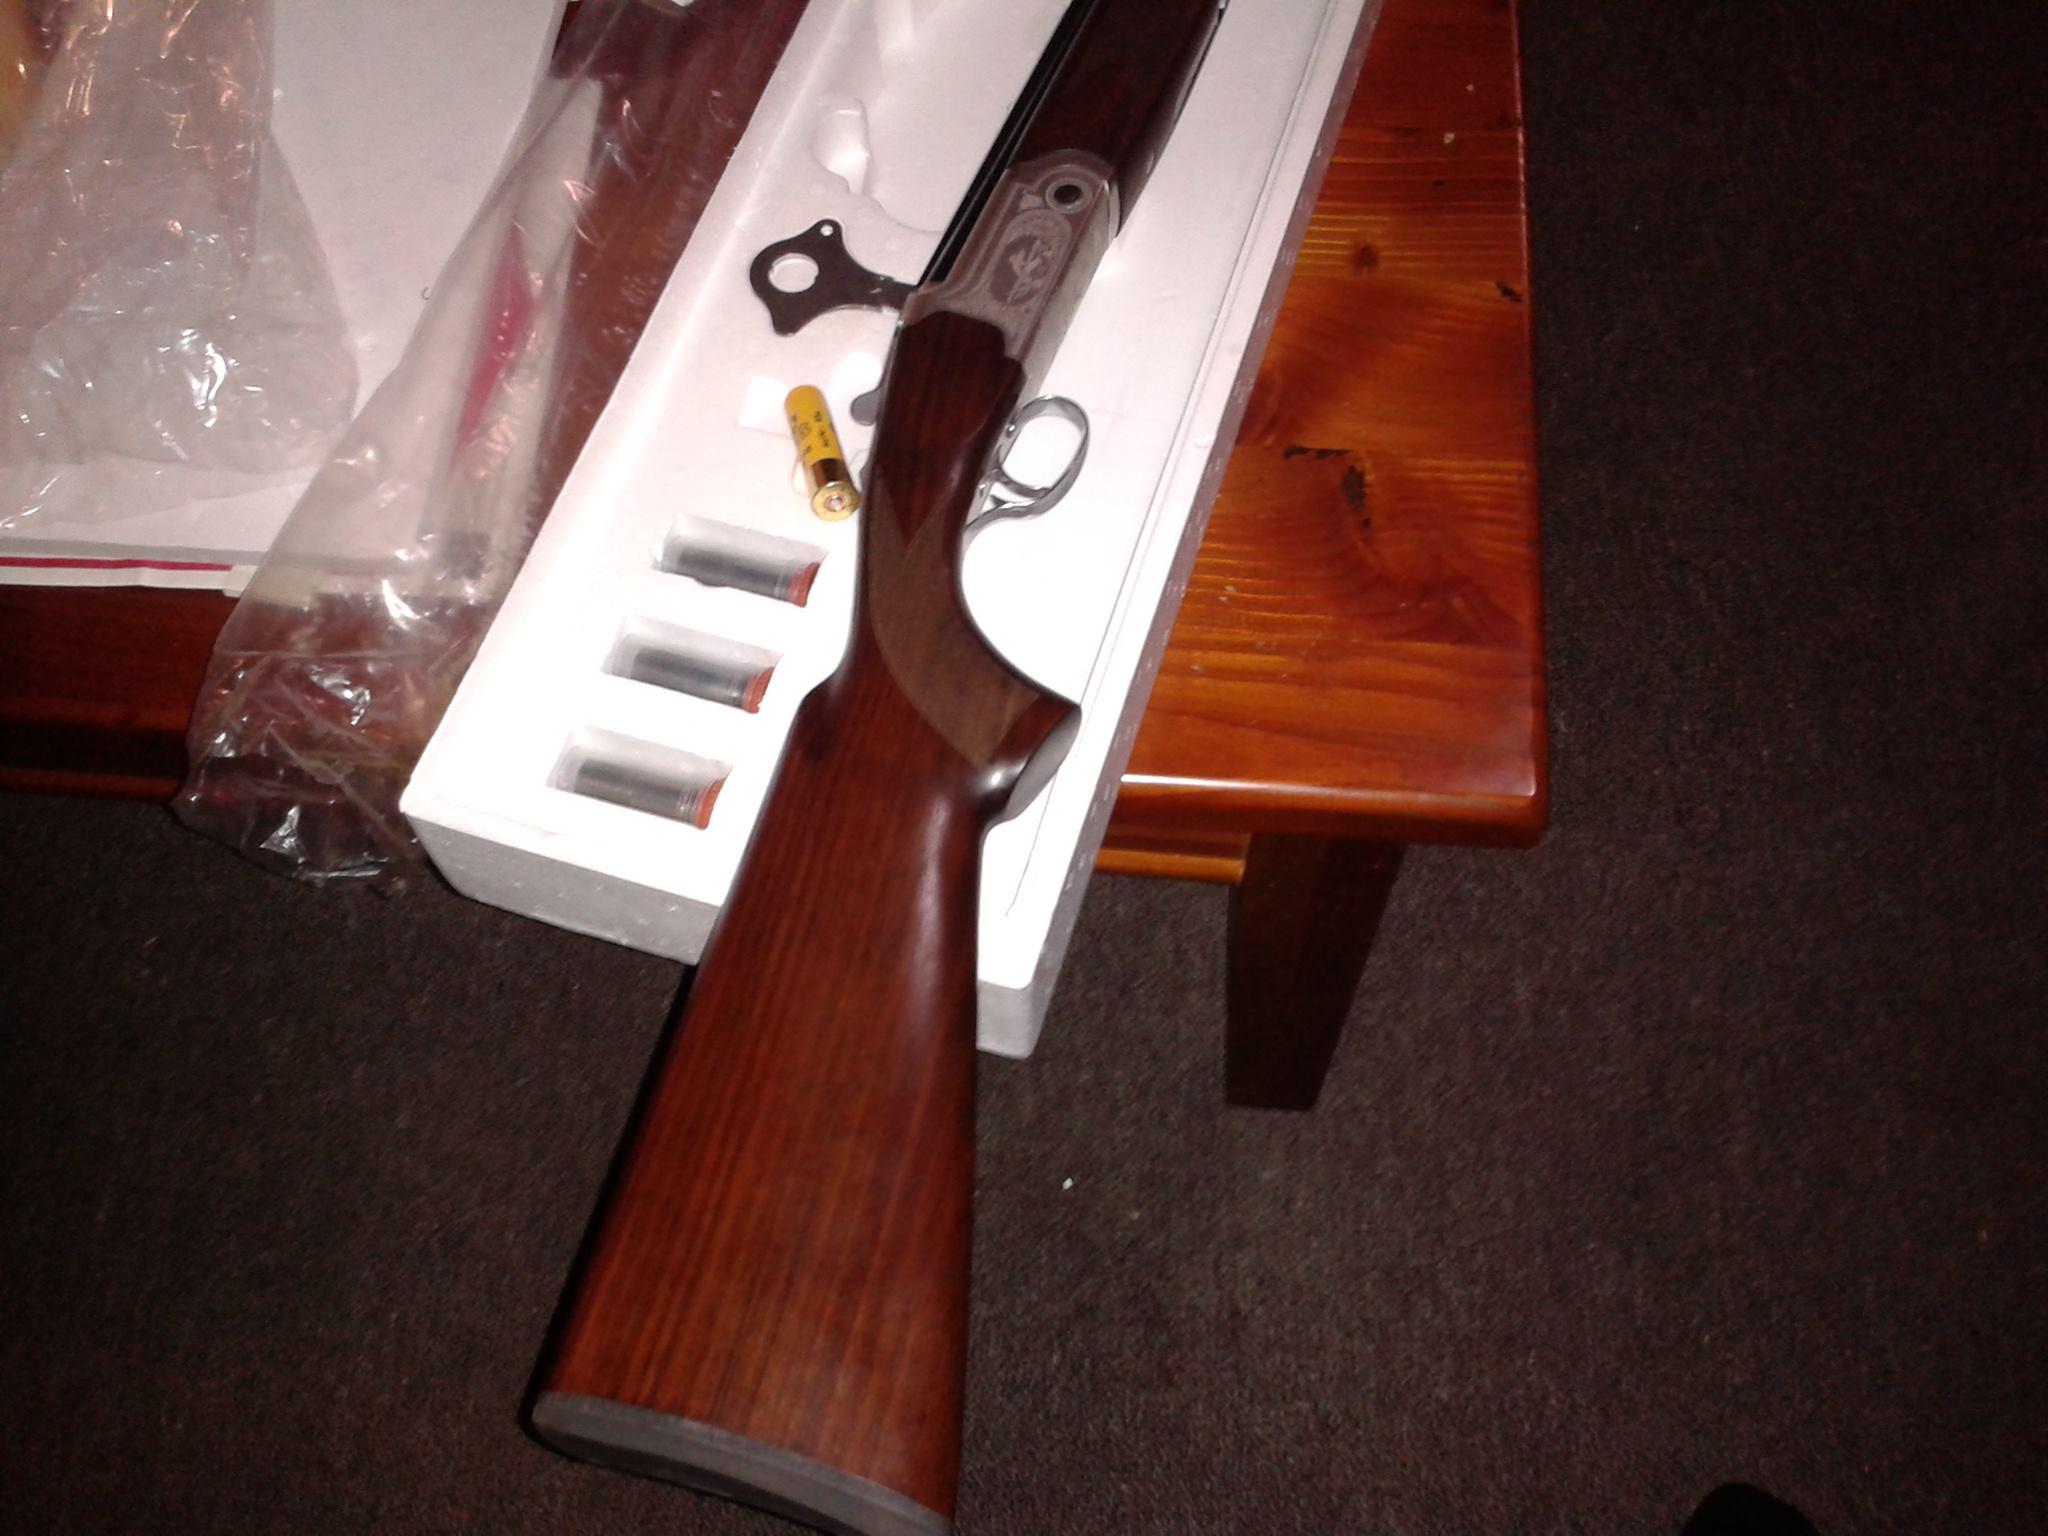 Love handgun swinging targets very sexy